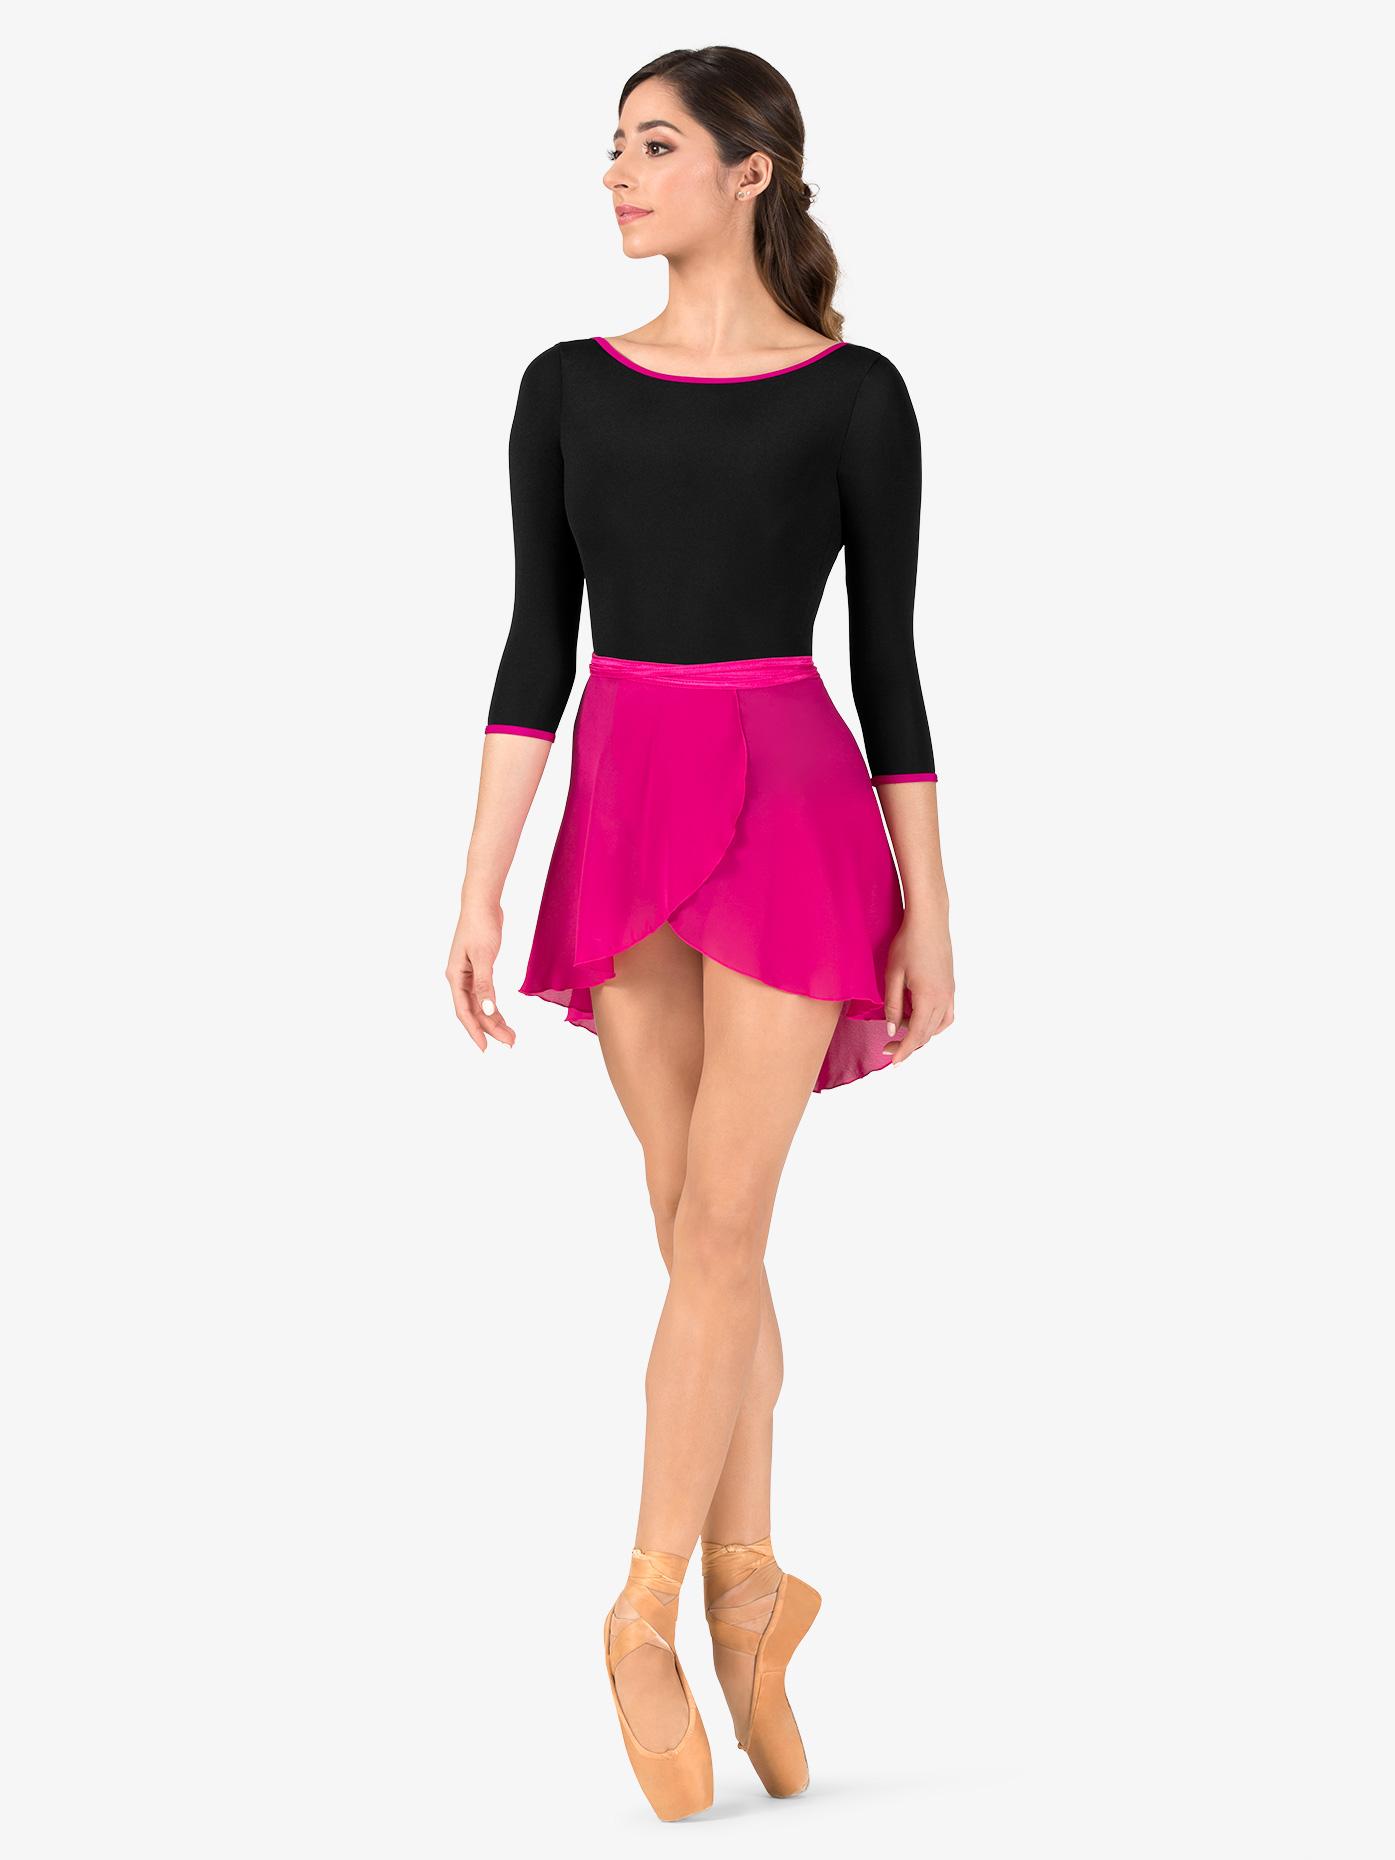 Natalie Womens Short Sheer Ballet Wrap Skirt P69